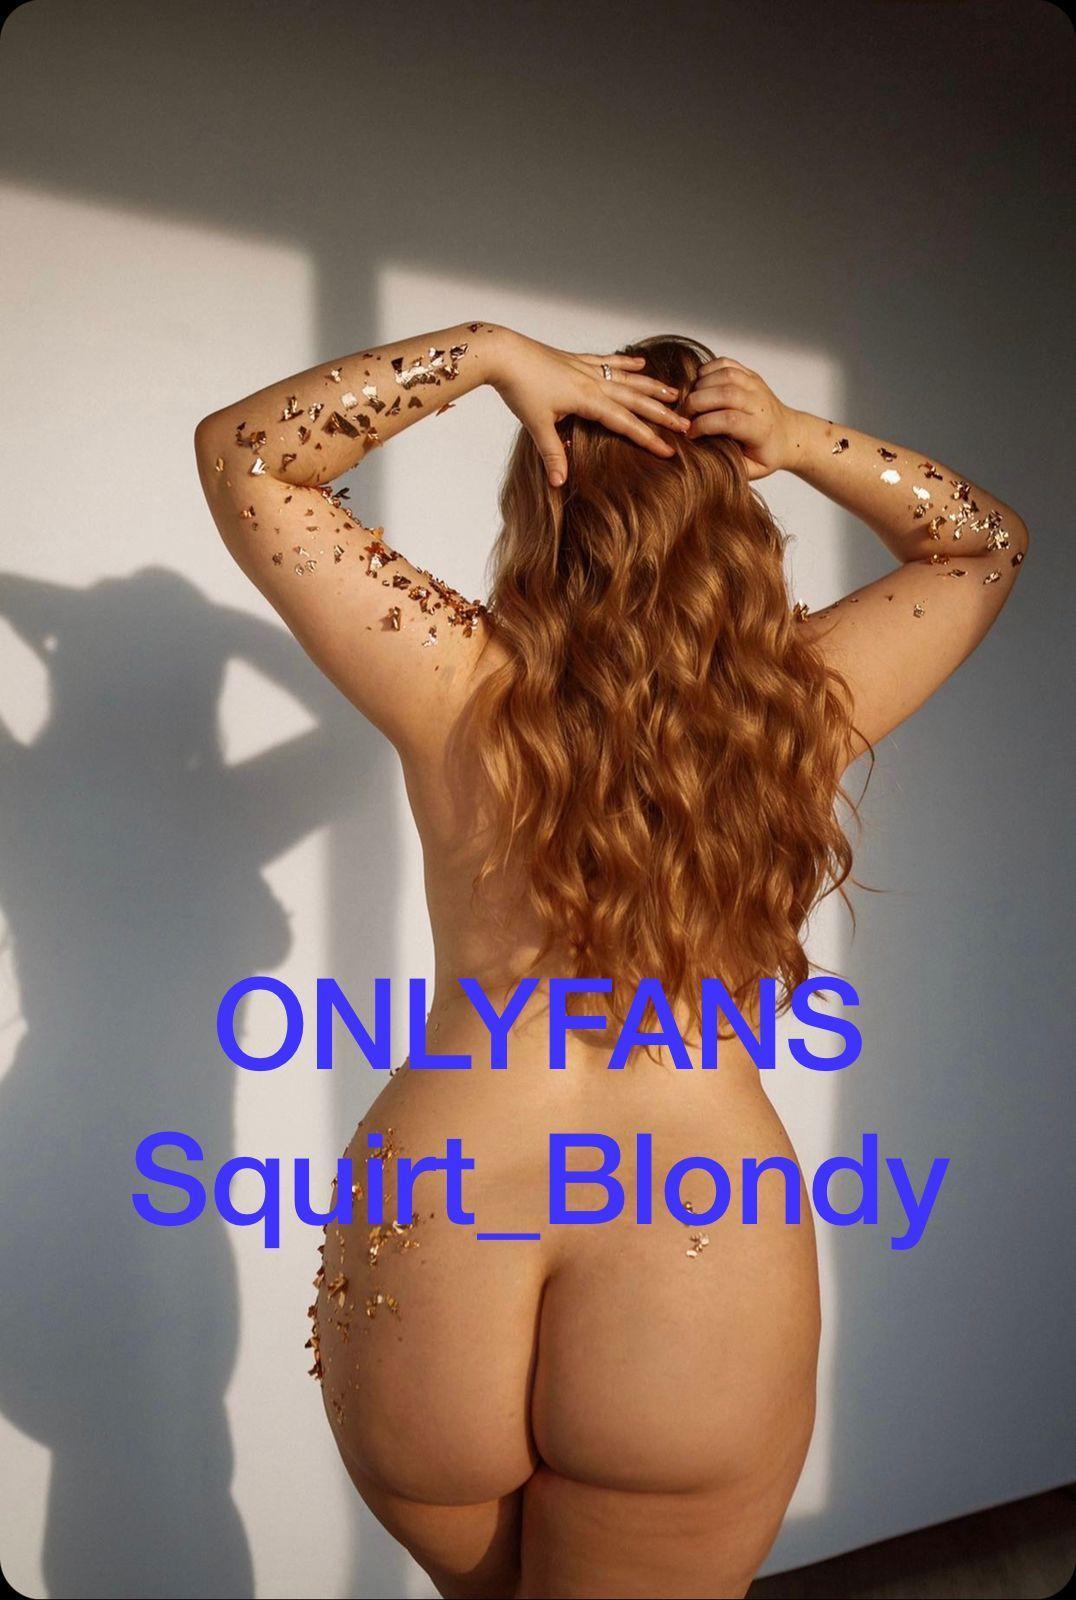 Squirt blondy?s=zdyumb8mhpeoathg0lrfmjnbcchiaiuqqhjzhpxfzei=